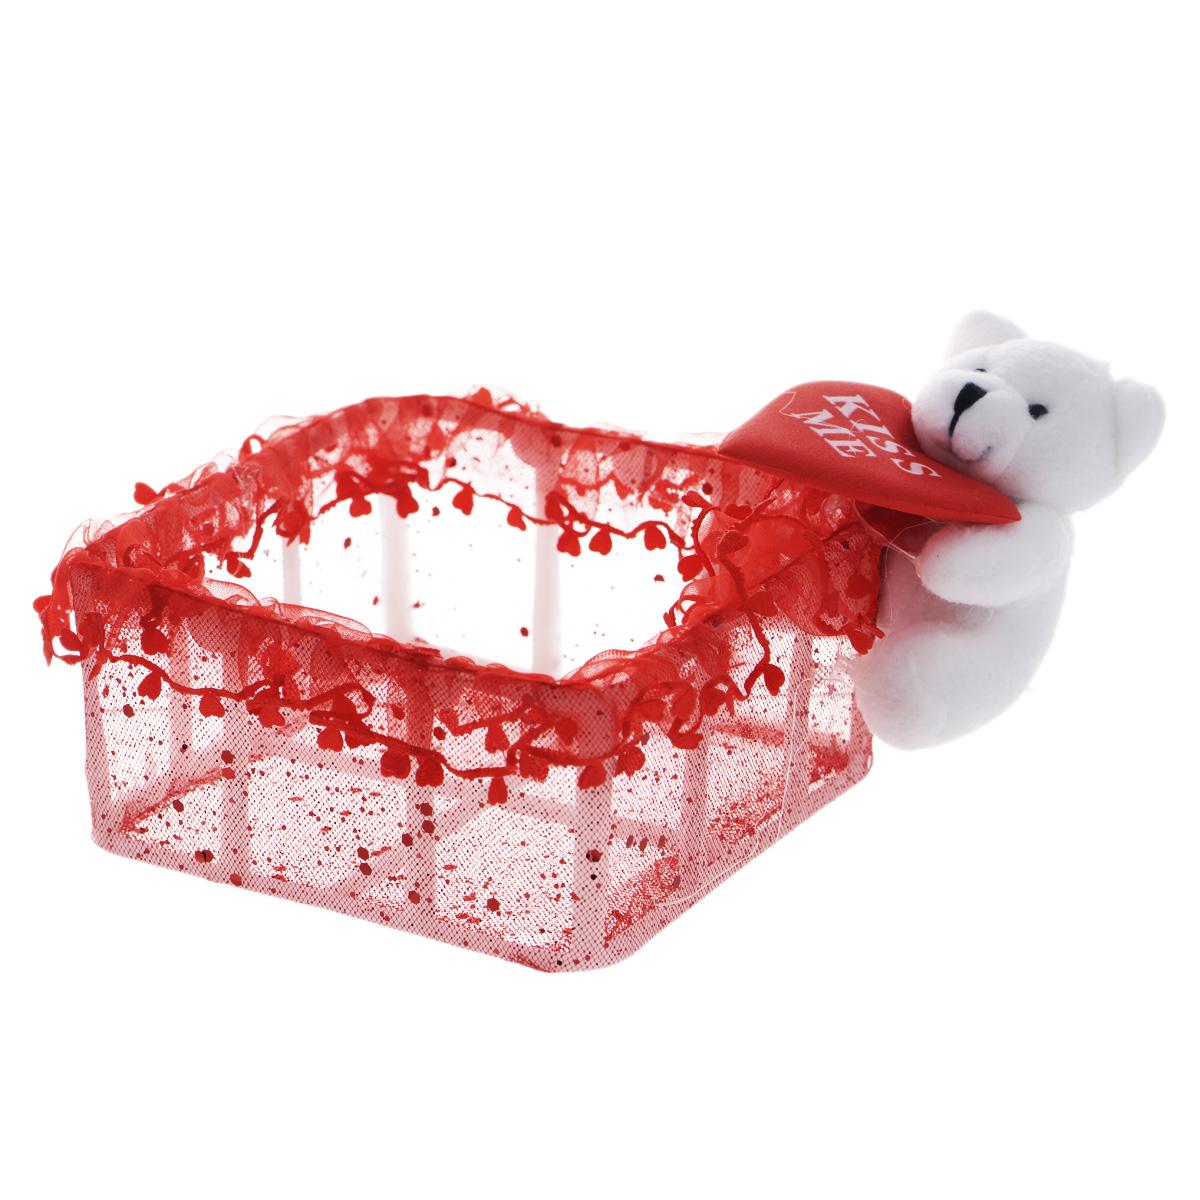 Корзинка декоративная Home Queen От всего сердца, 11,5 х 11,5 х 6 см60469Декоративная корзинка Home Queen От всего сердца имеет пластиковый каркас и обтянута сетчатым полиэстером. Корзинка украшена рюшами, блестками и плюшевой игрушкой белого мишки с сердцем. Красивая корзинка станет милым сувениром и порадует получателя. Может послужить как подарочная упаковка для подарка или как аксессуар для хранения бытовых вещей и предметов для рукоделия (бусин, бисера и т.д.).